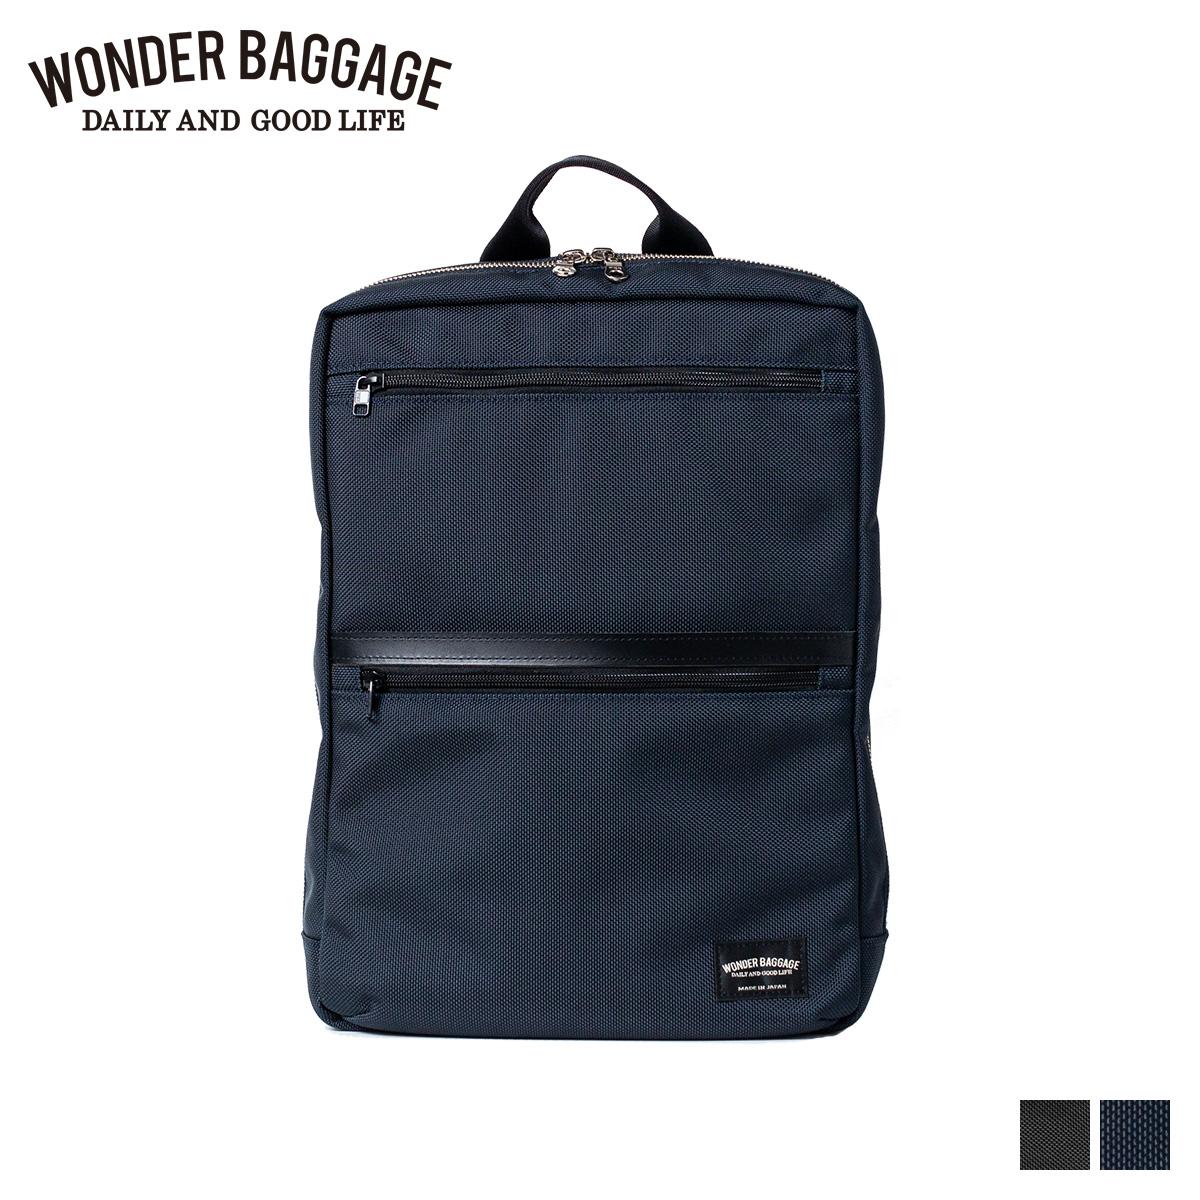 【お年玉セール特価】 WONDER BAGGAGE ワンダーバゲージ リュック バッグ バックパック メンズ レディース 9L GOODMANS SLIM SACK ブラック ネイビー 黒 WB-G-025, 靴の広場 K's Direct 27561c1f